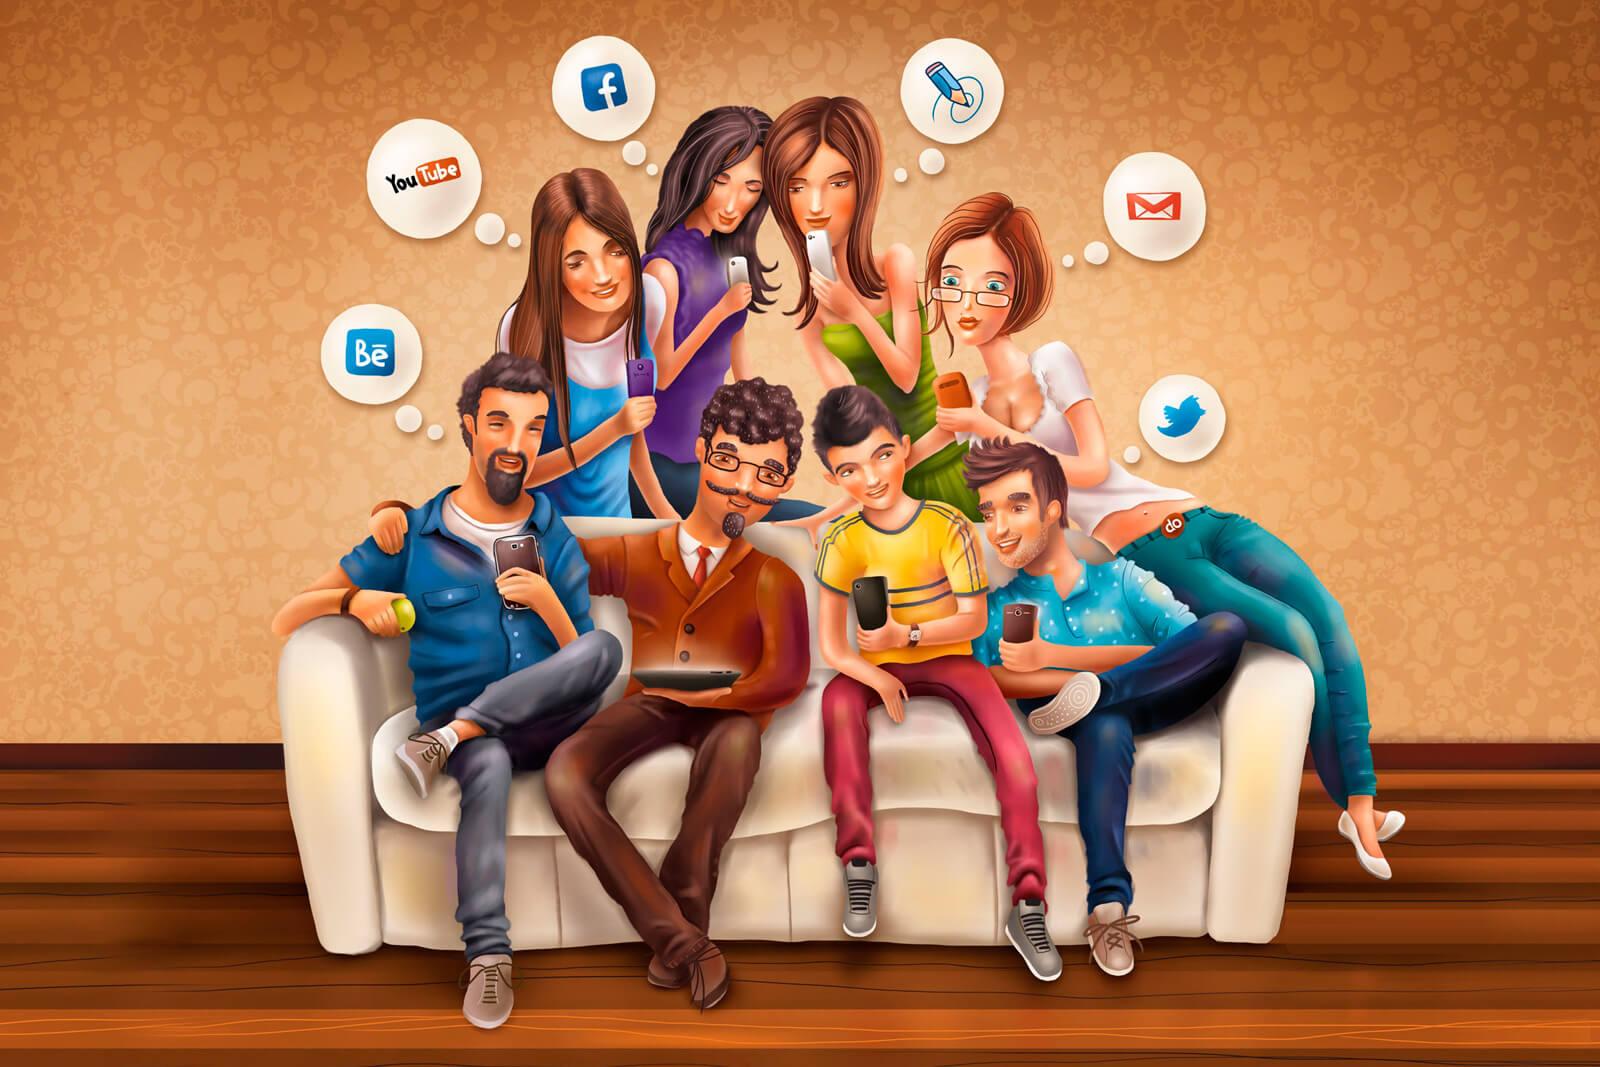 Развлечения, общение и продвижение в соцсетях